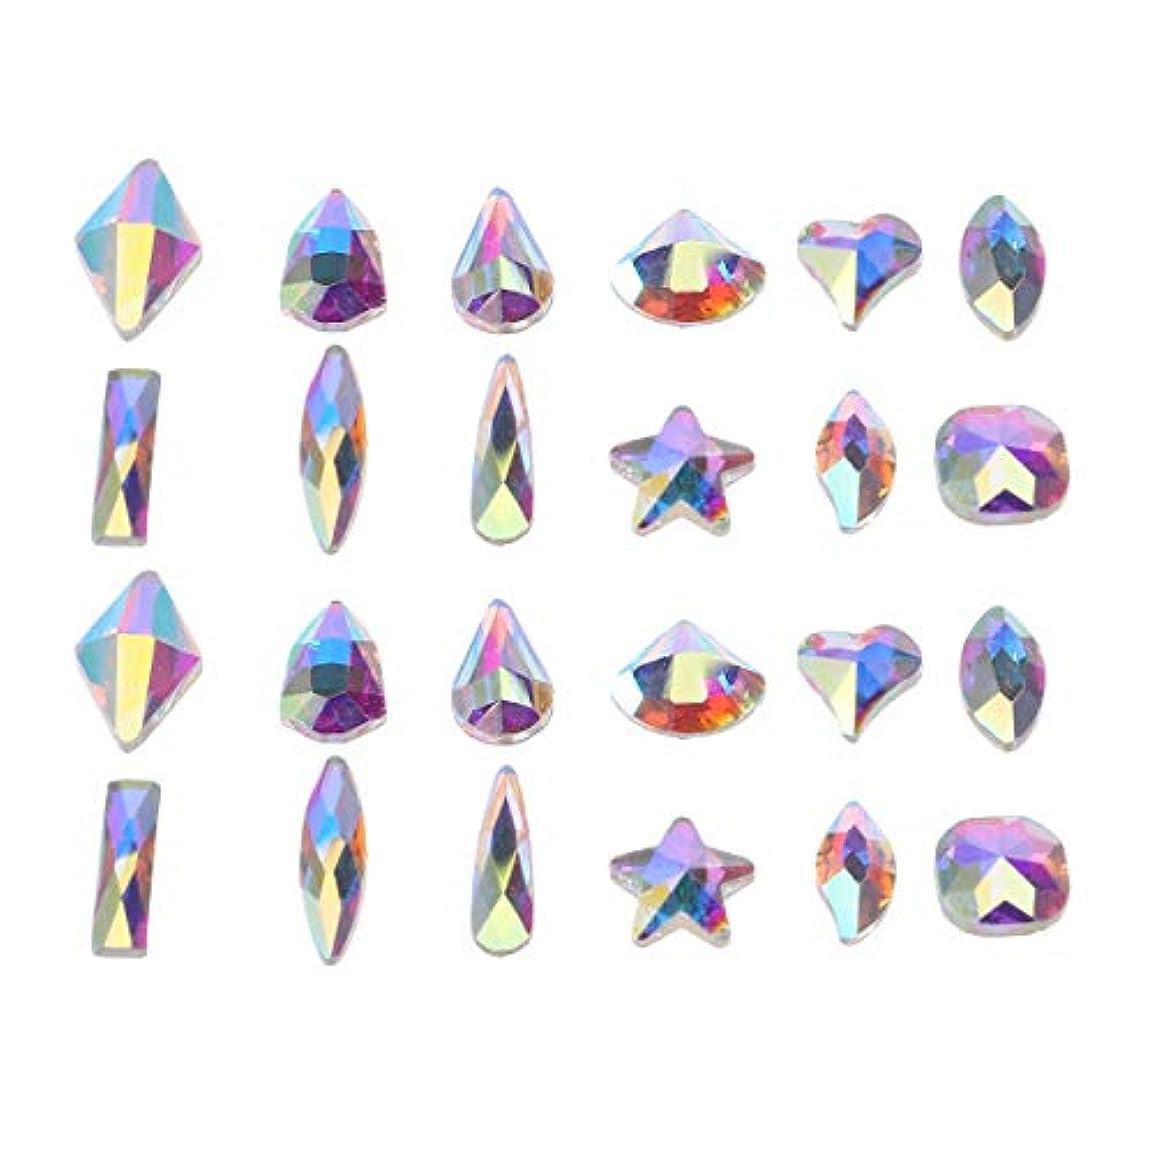 Lurrose 240ピースアクリルネイルアートネイルアートラインストーンキット用diyネイルアート用品アクセサリー